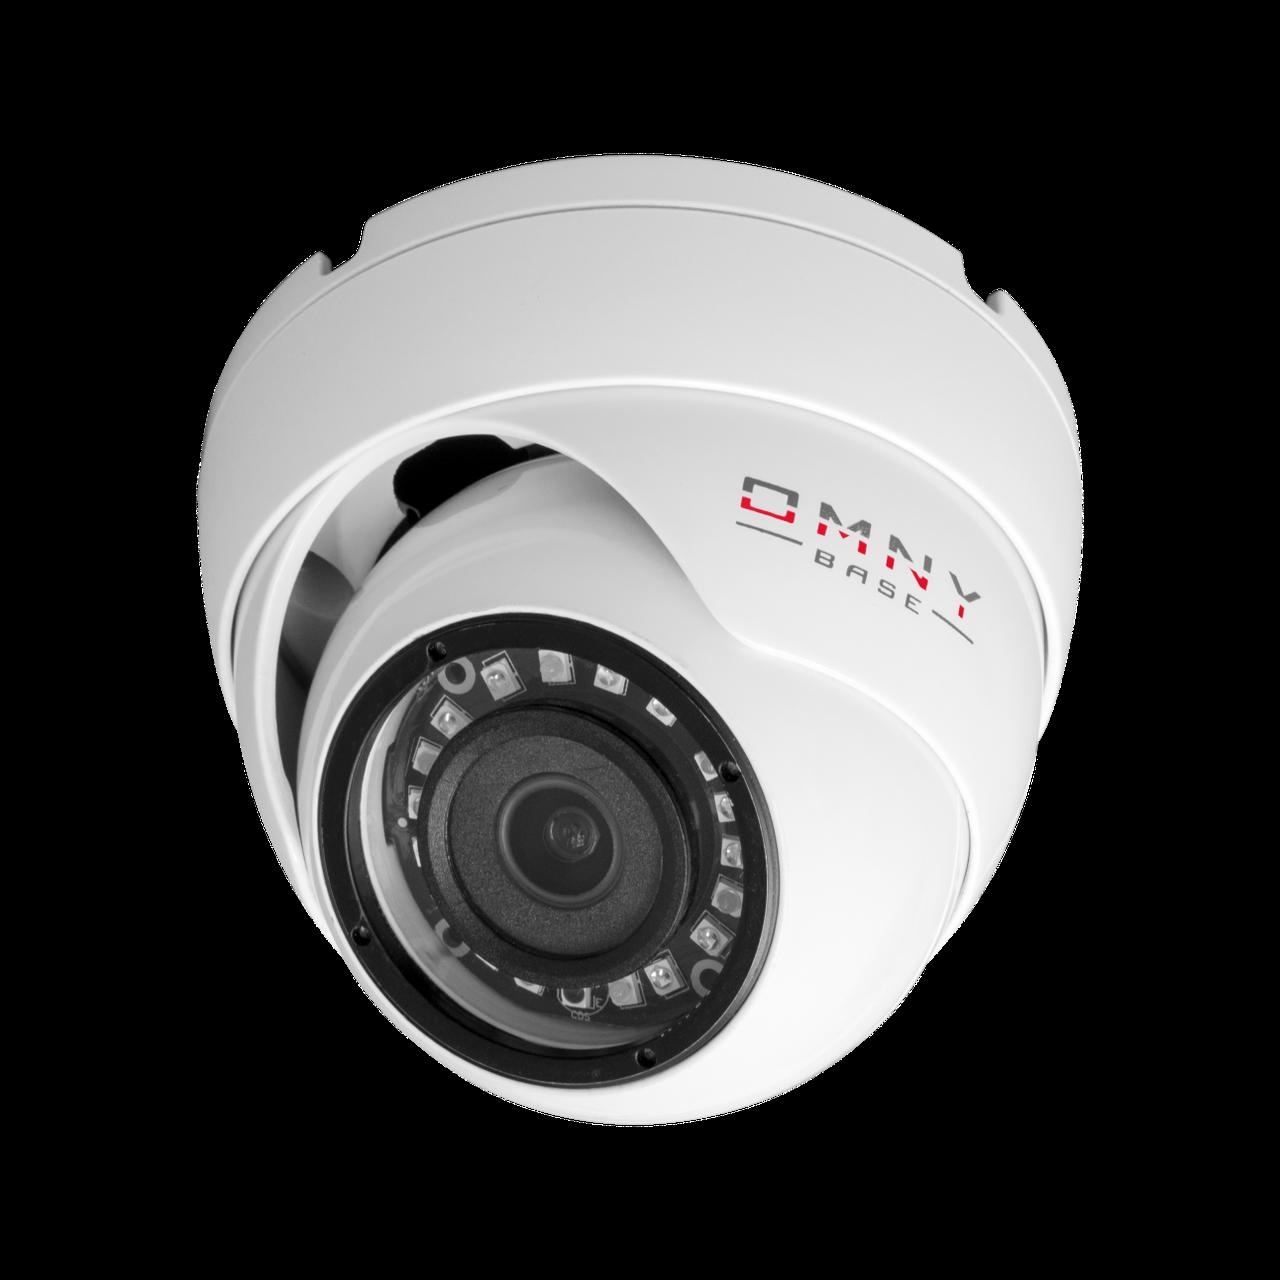 IP камера OMNY BASE miniDome2E-U v2 миникупольная 2Мп (1920×1080) 25к/с, 2.8мм, F1.8, 802.3af A/B, 12±1В DC,